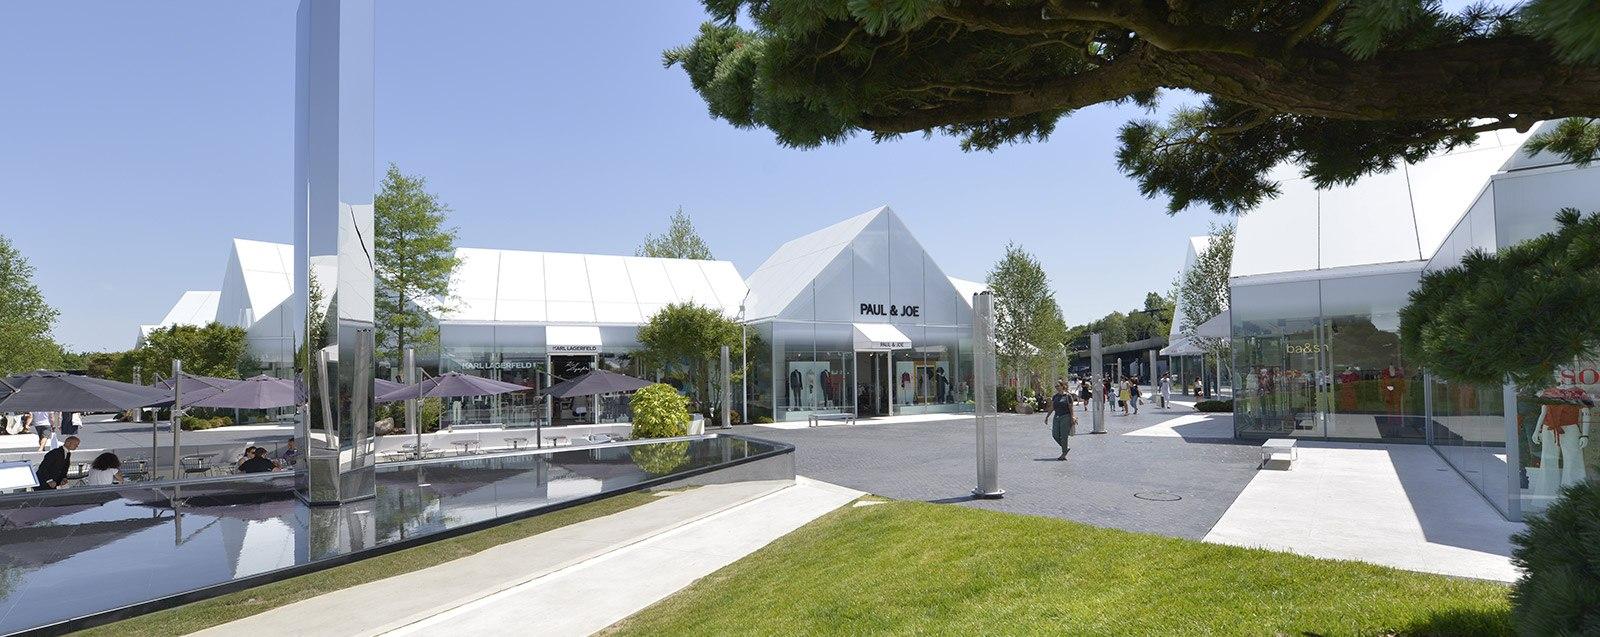 Village de marques luxe à Villefontaine, en Isère